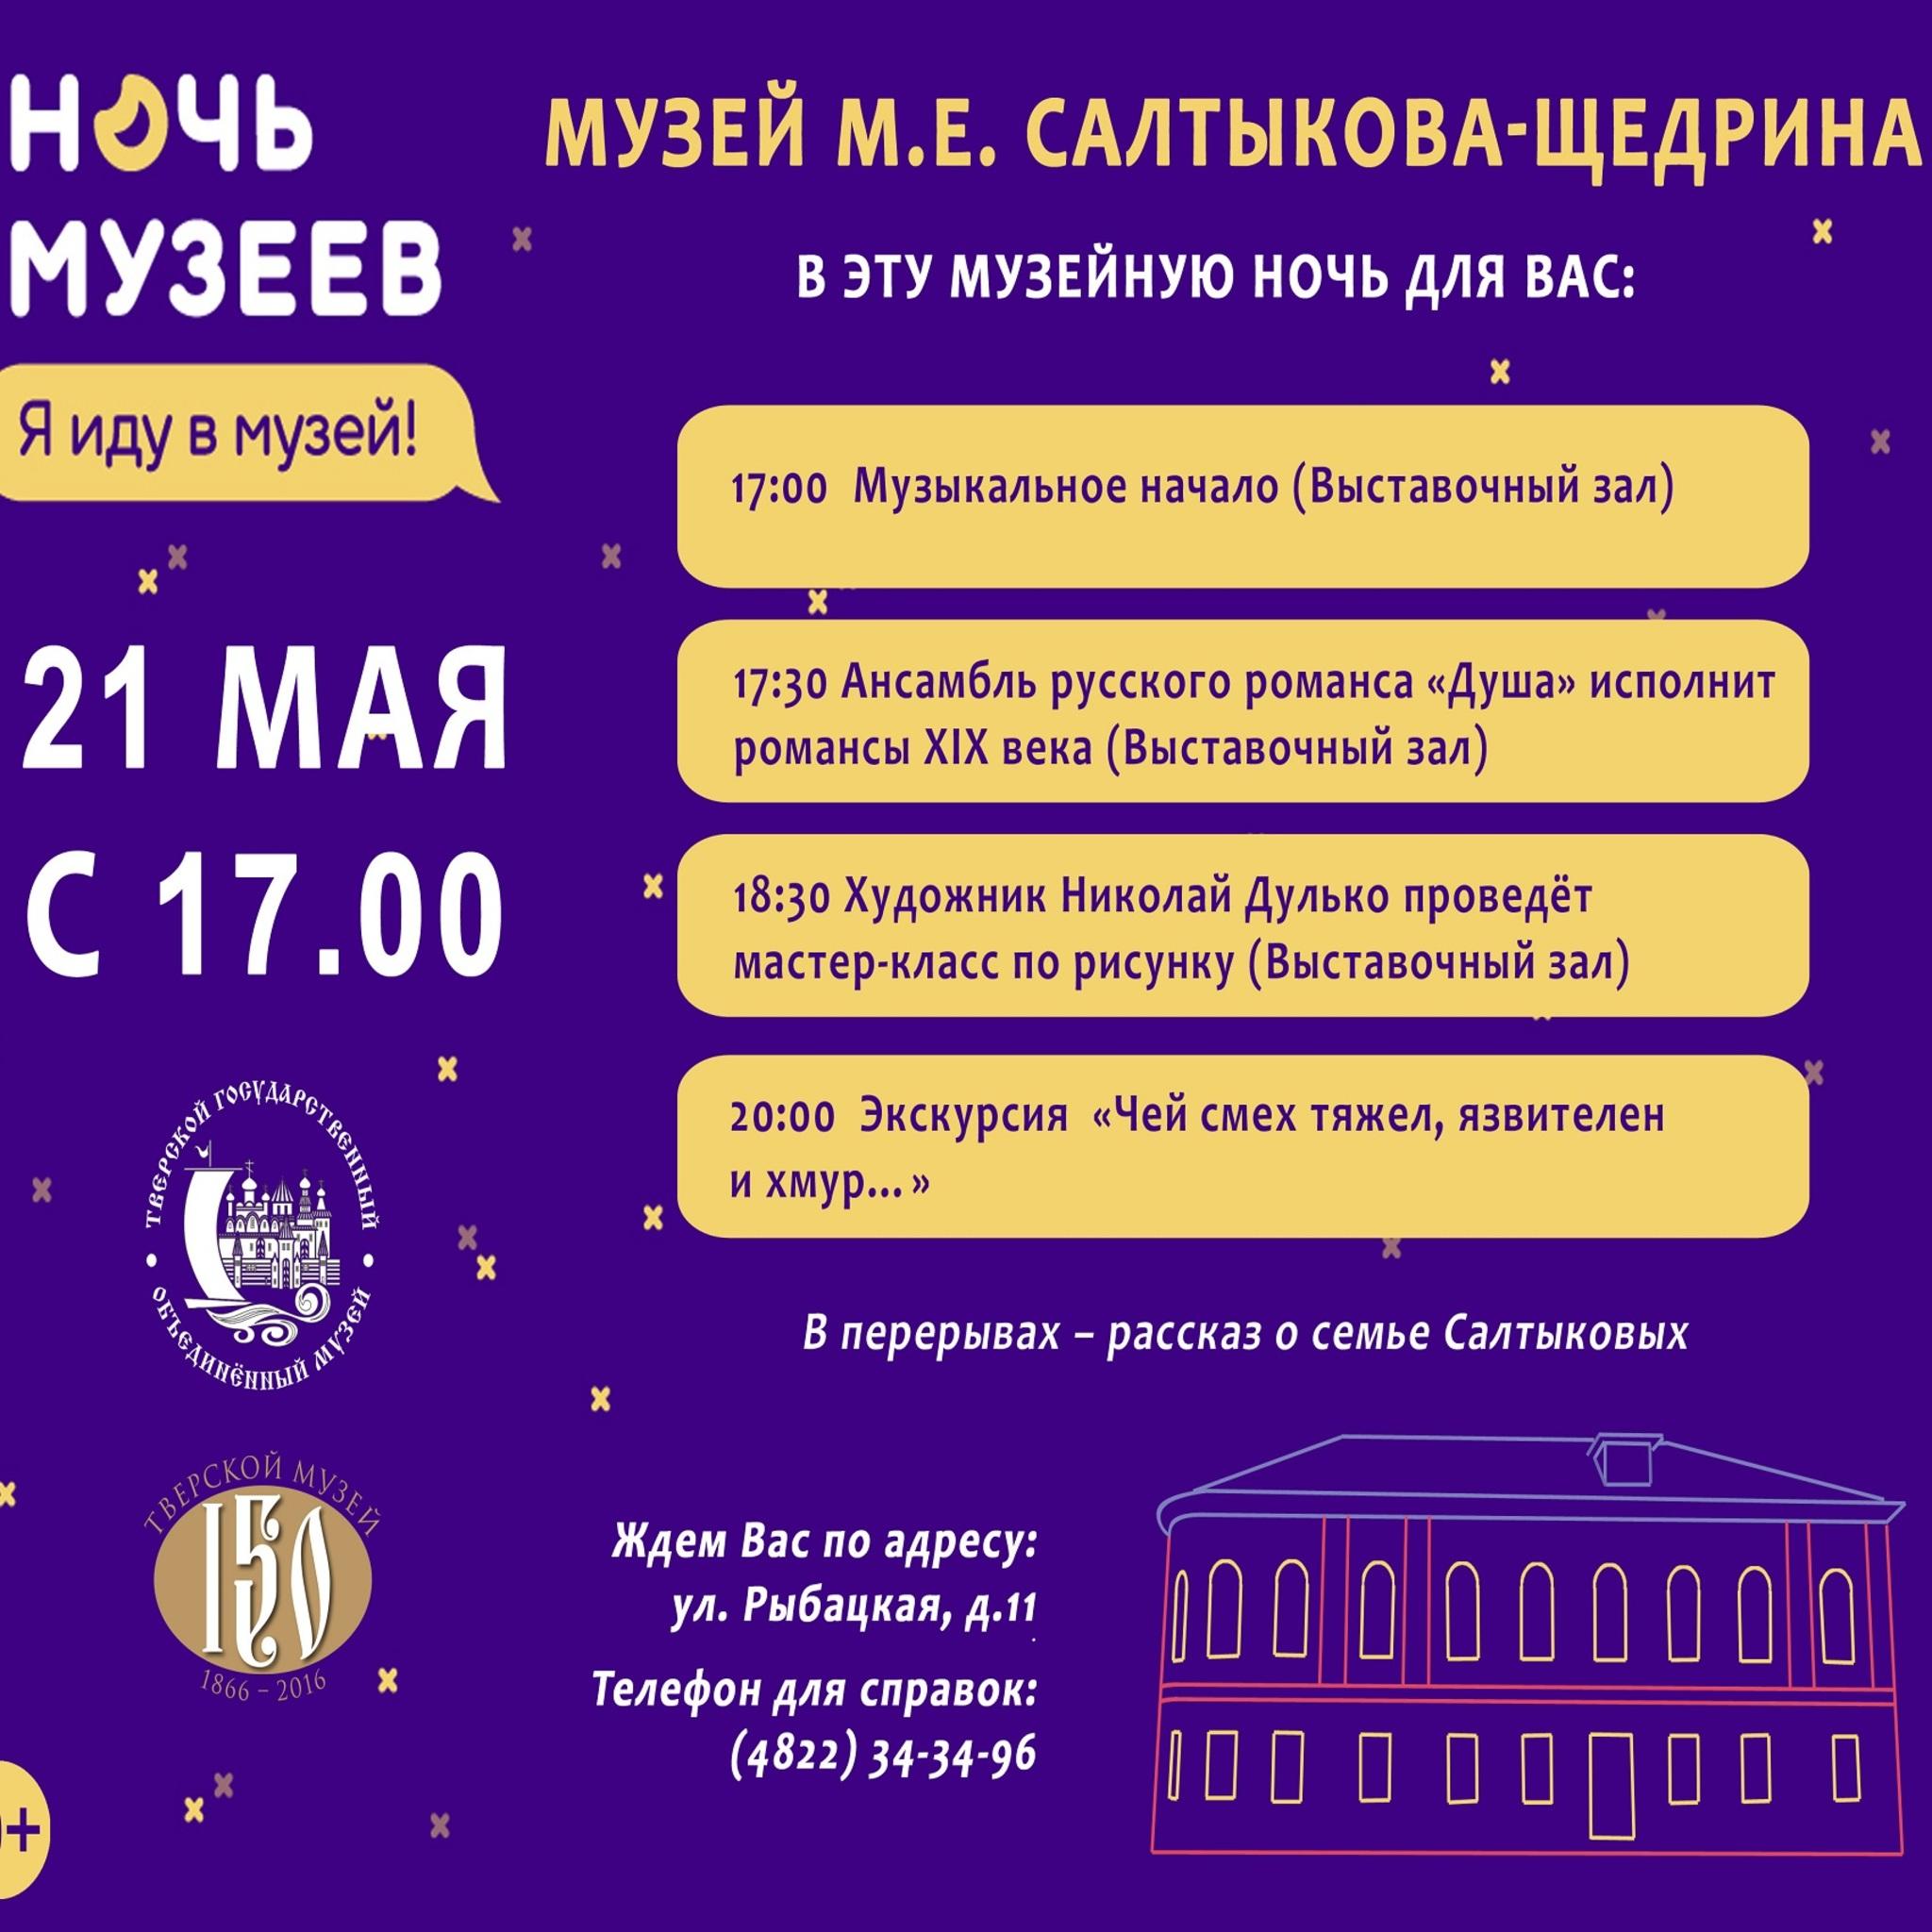 Ночь музеев 2016 в Музее М.Е. Салтыкова-Щедрина